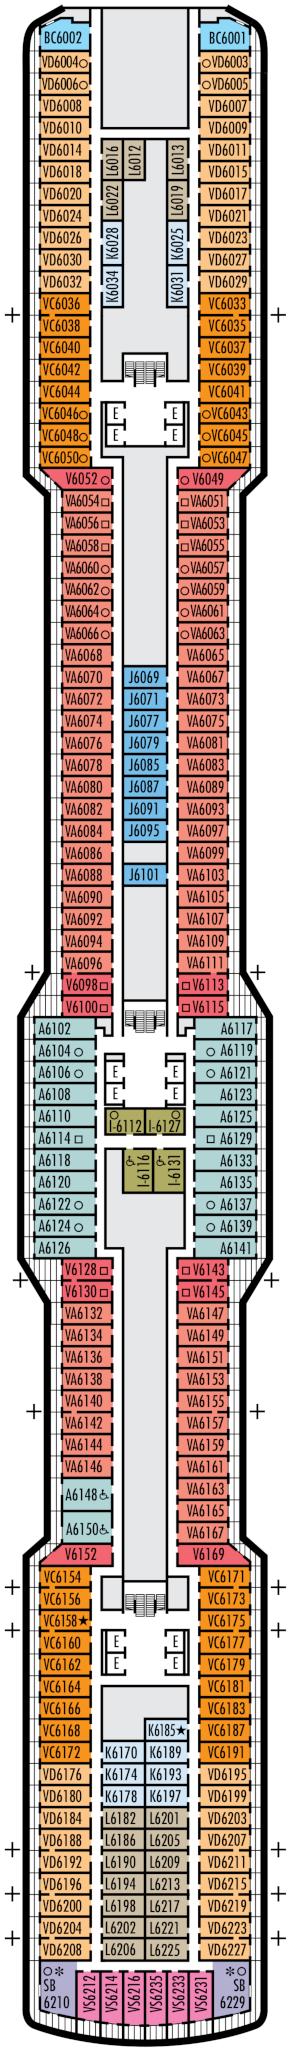 Nieuw Statendam Mozart Deck Deck Plan